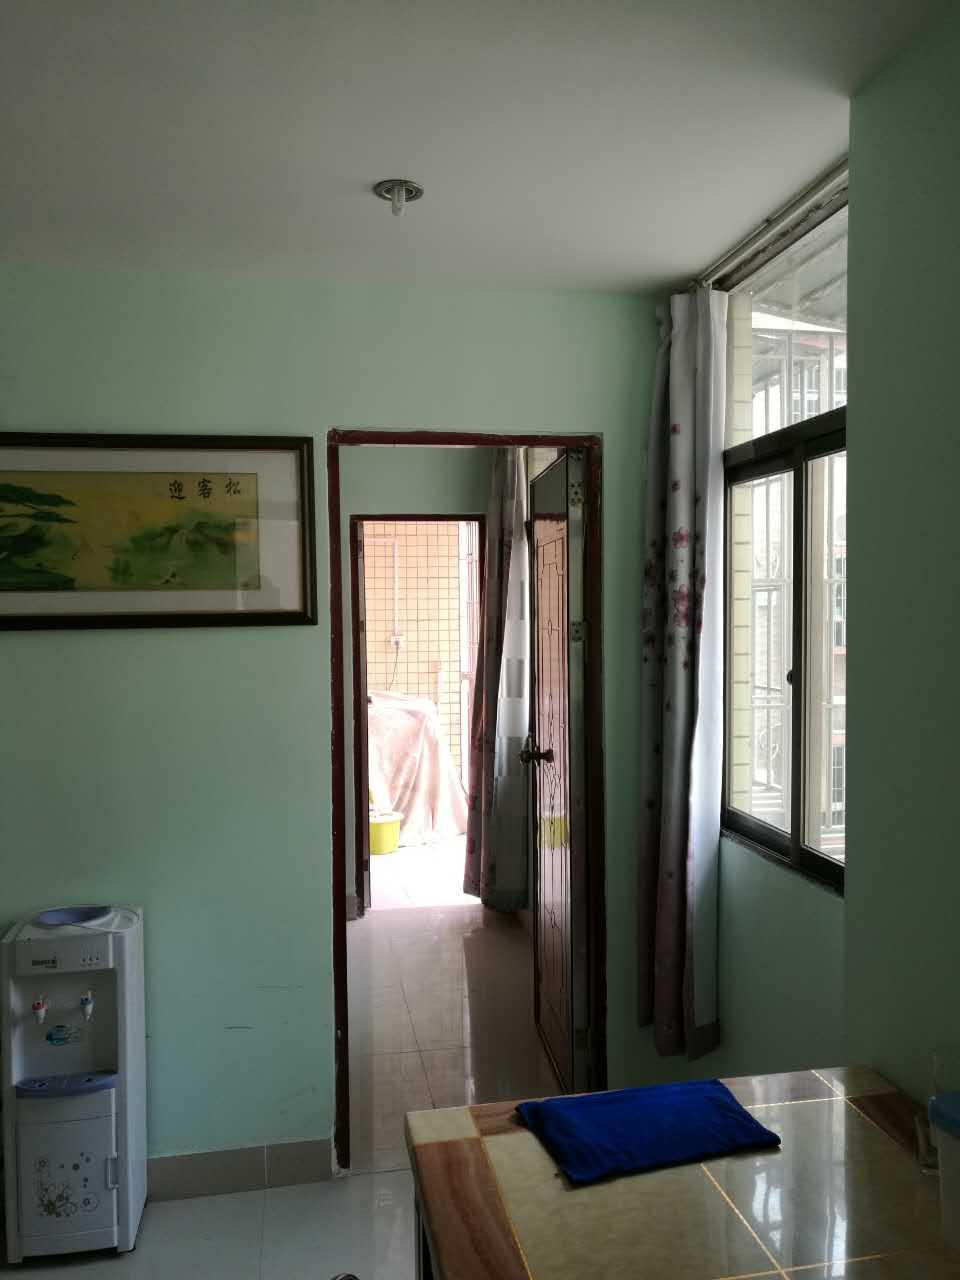 深圳小产权房单身公寓出售,公明上村全新装修 房地产 公寓 不动产 一房一厅 第7张